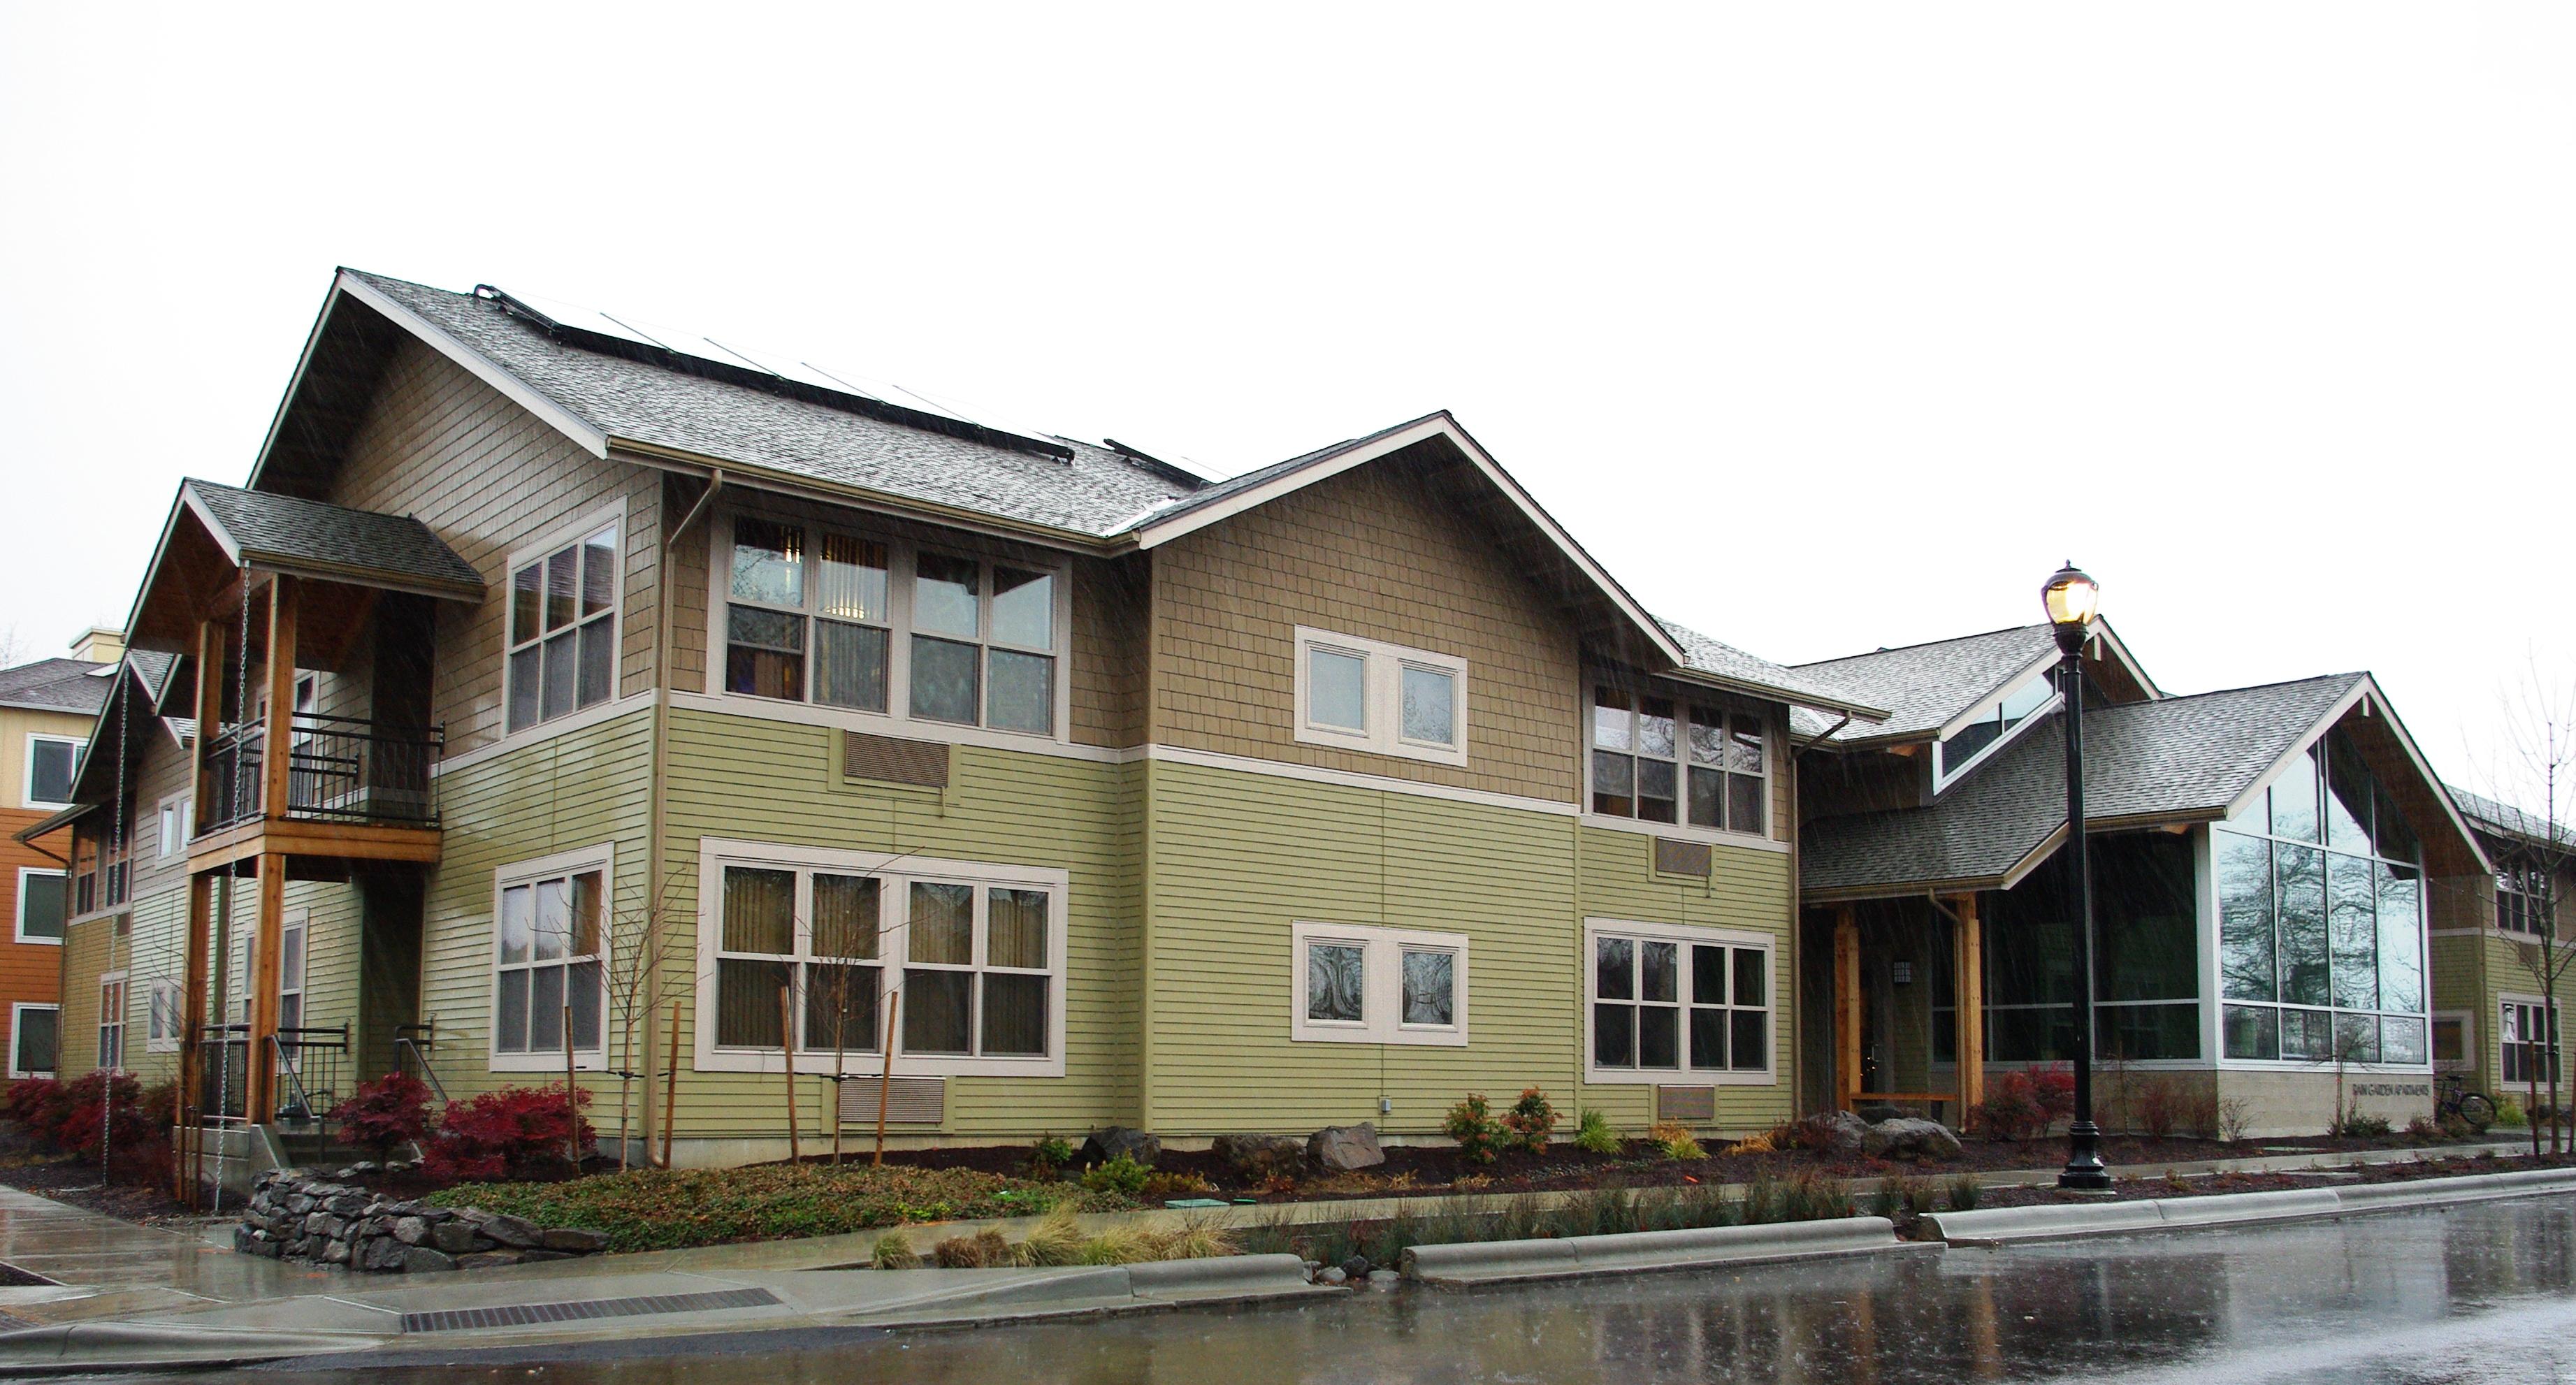 FileRain Garden Apartments Wilsonville OregonJPG Wikimedia